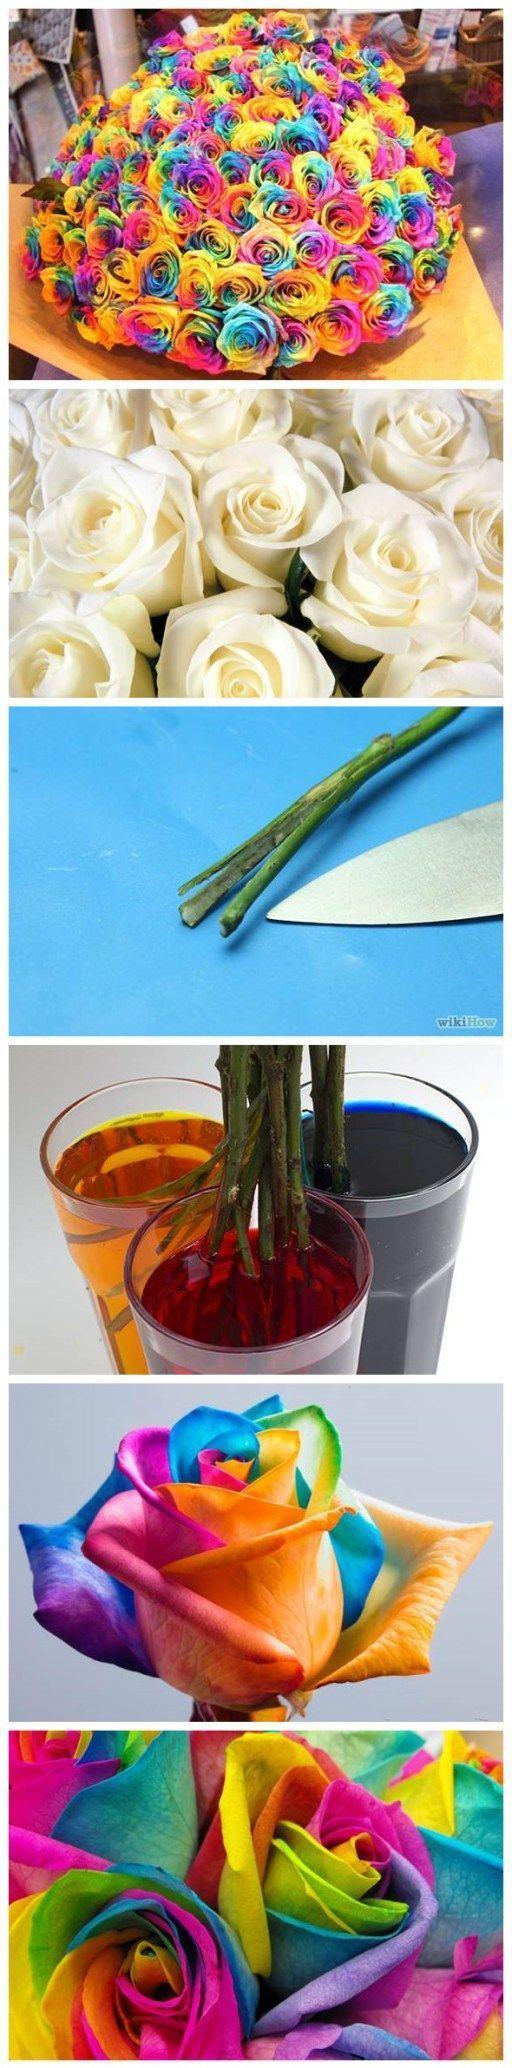 花言葉は奇跡♡虹色のバラ〔レインボーローズ〕は、なんとお家で自作できちゃうらしい!にて紹介している画像